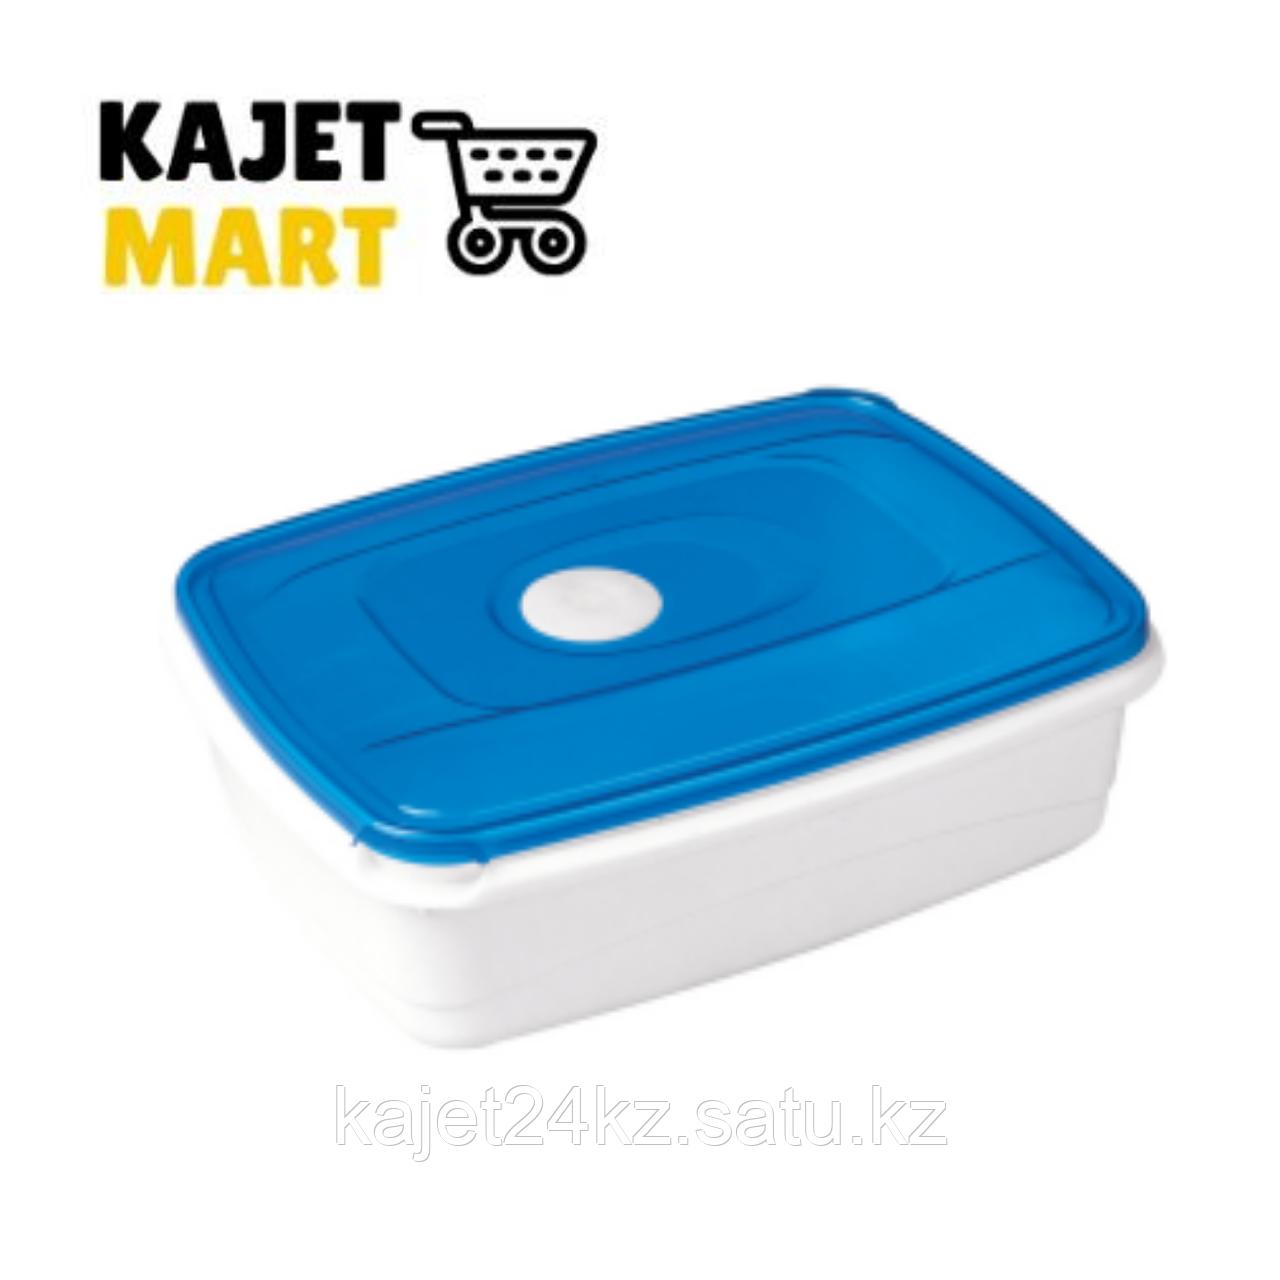 Емкость для СВЧ MICRO TOP BOX прямоугольная 1,3л голубой прозрачный